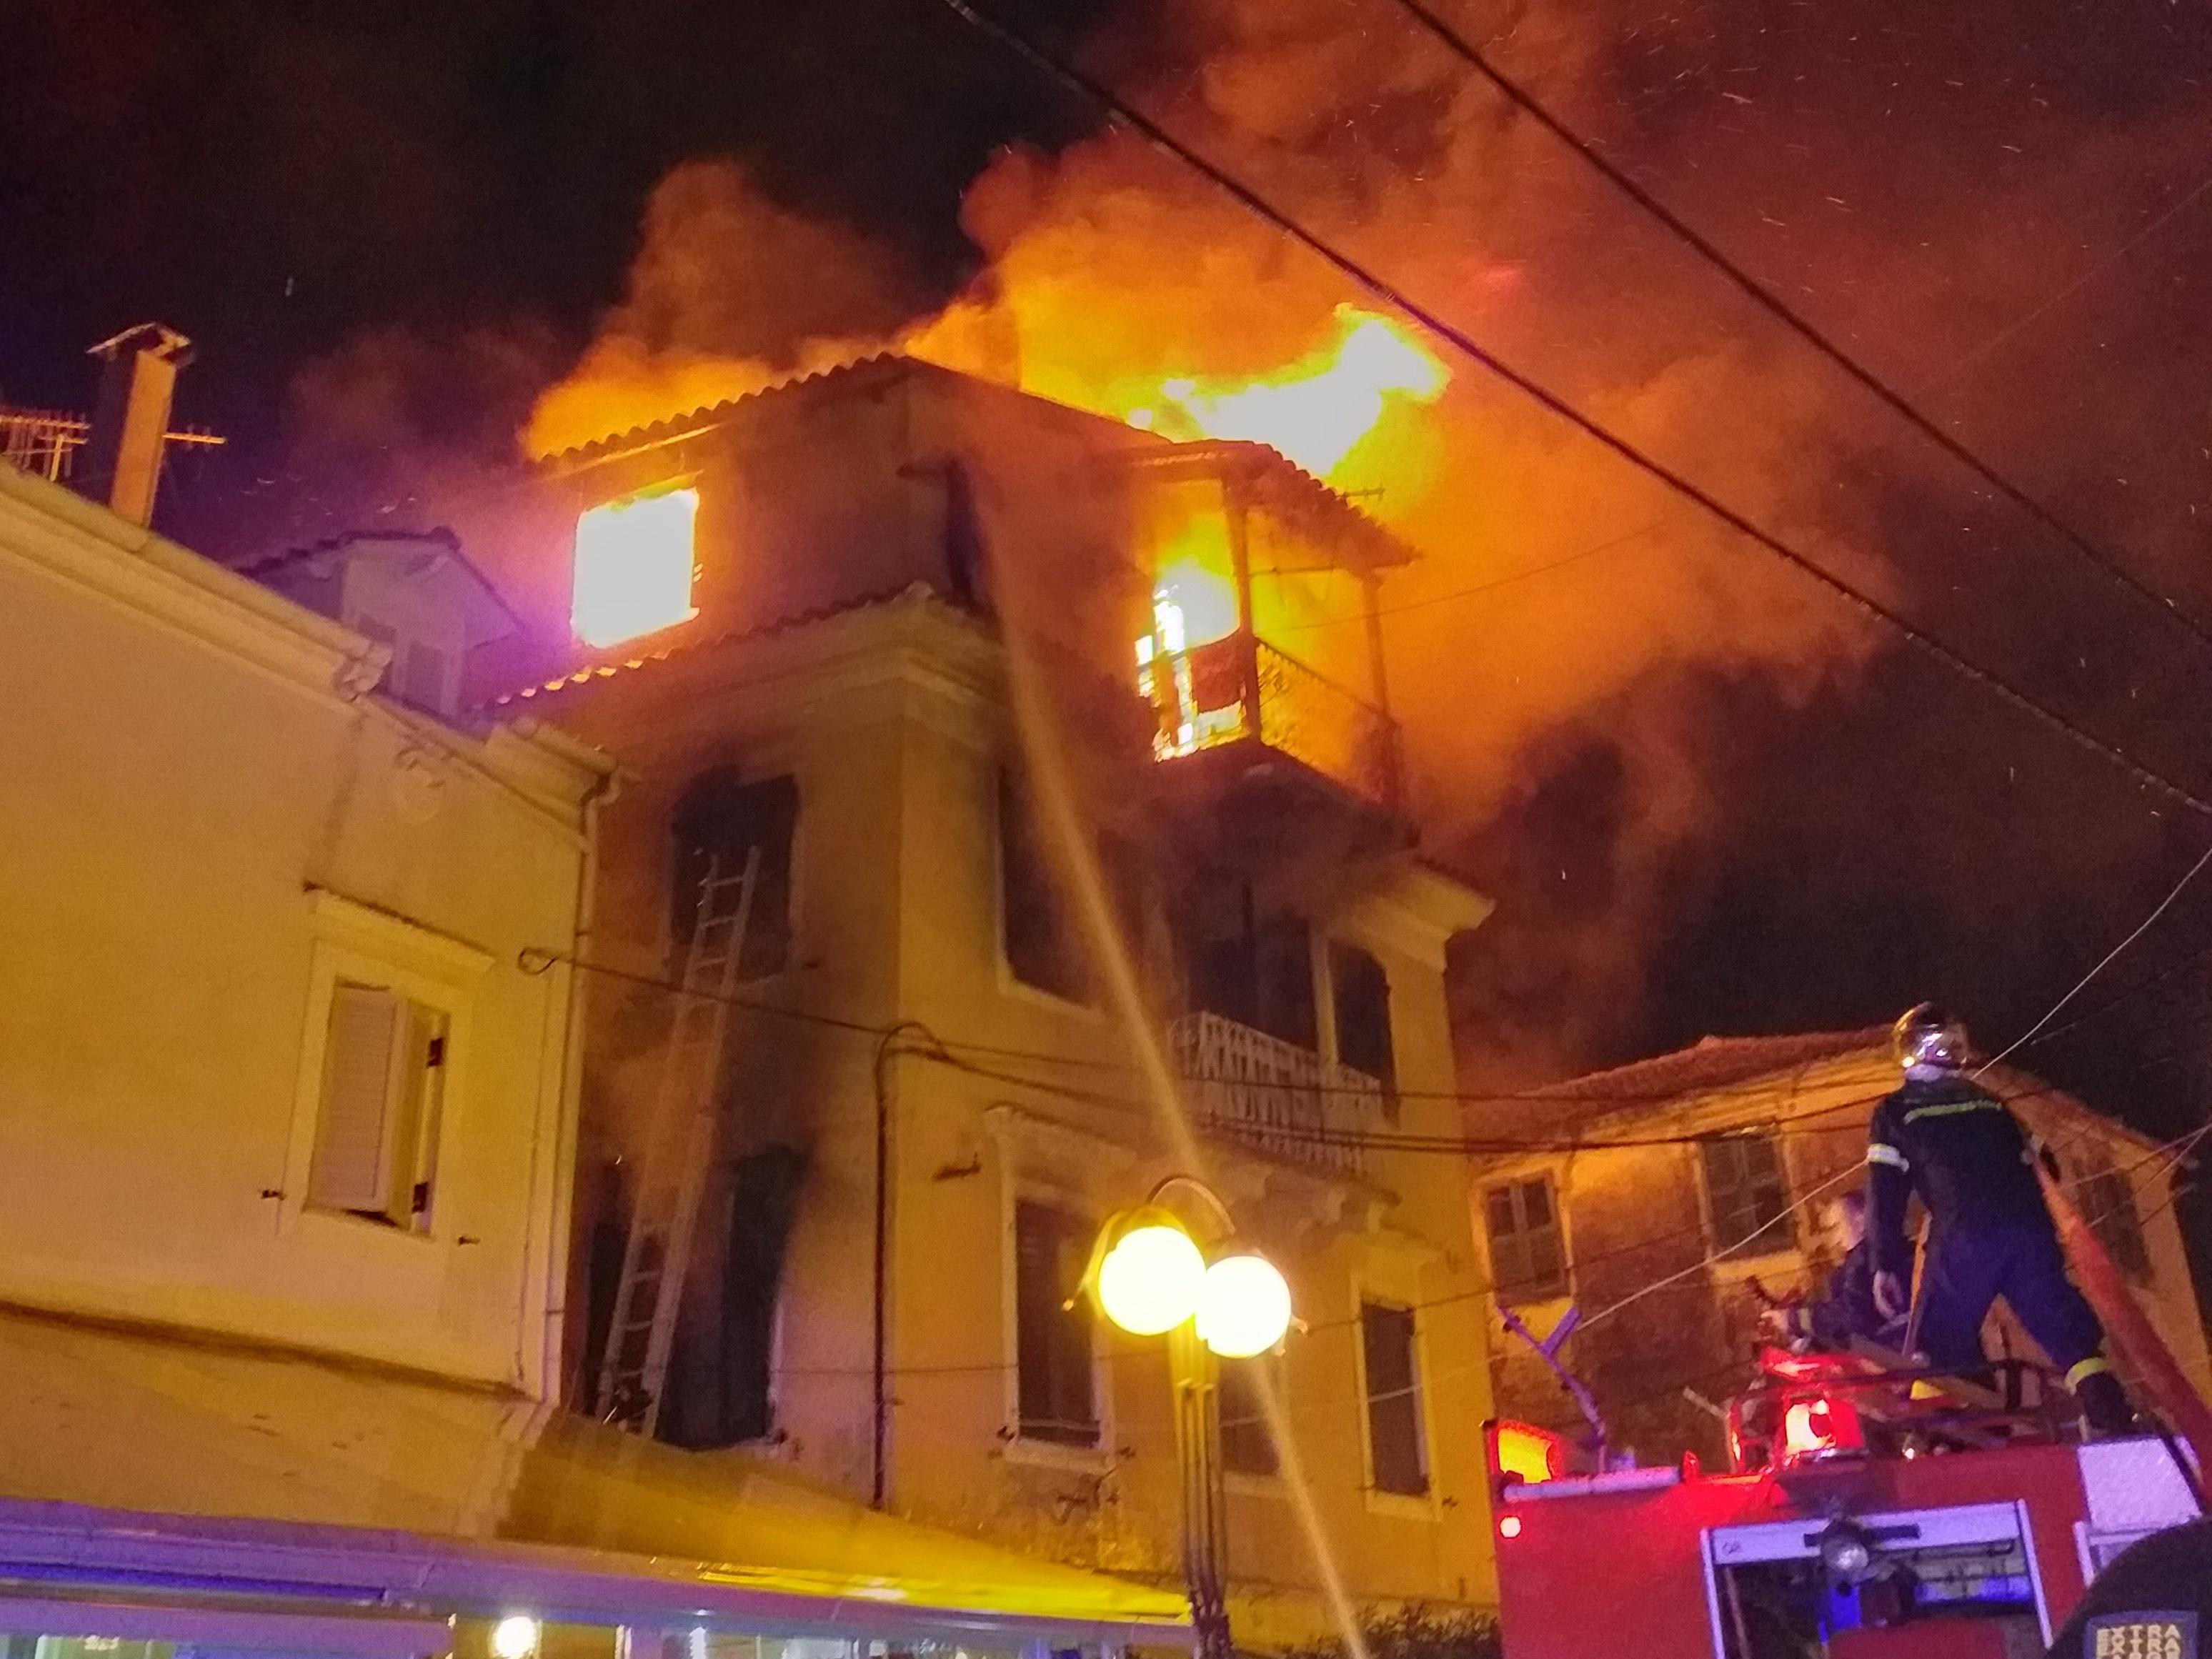 Κέρκυρα: Κάηκε σπίτι, εικόνες σοκ από εγκλωβισμένο άτομο